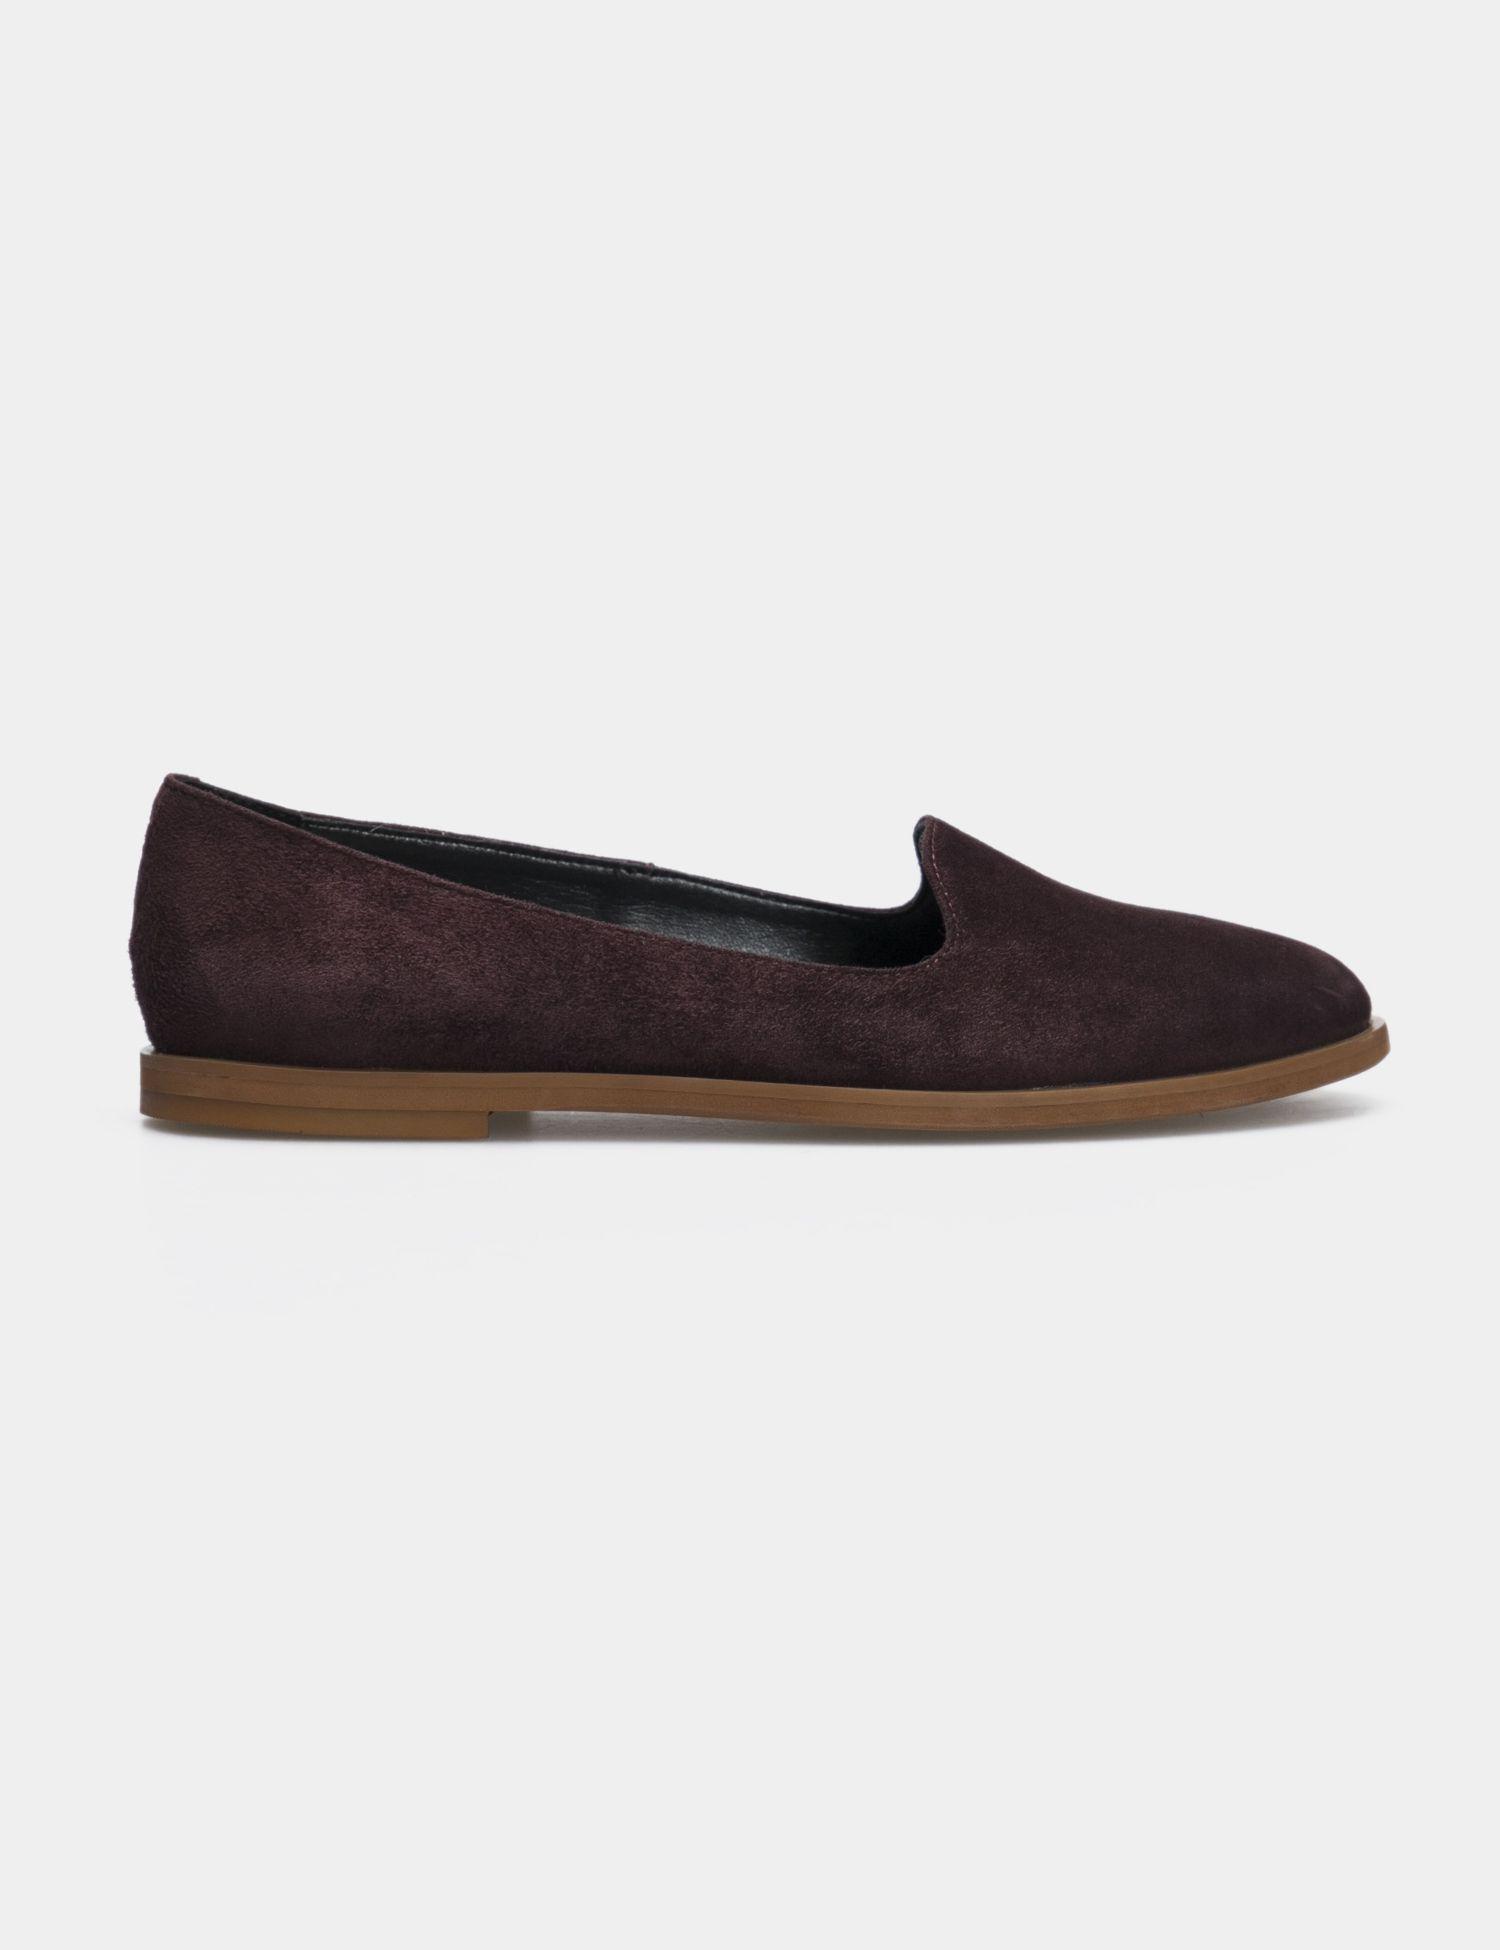 Балетки для женщин Слиперы 75896511 бордовая замша 75896511 размерная сетка обуви, 2017